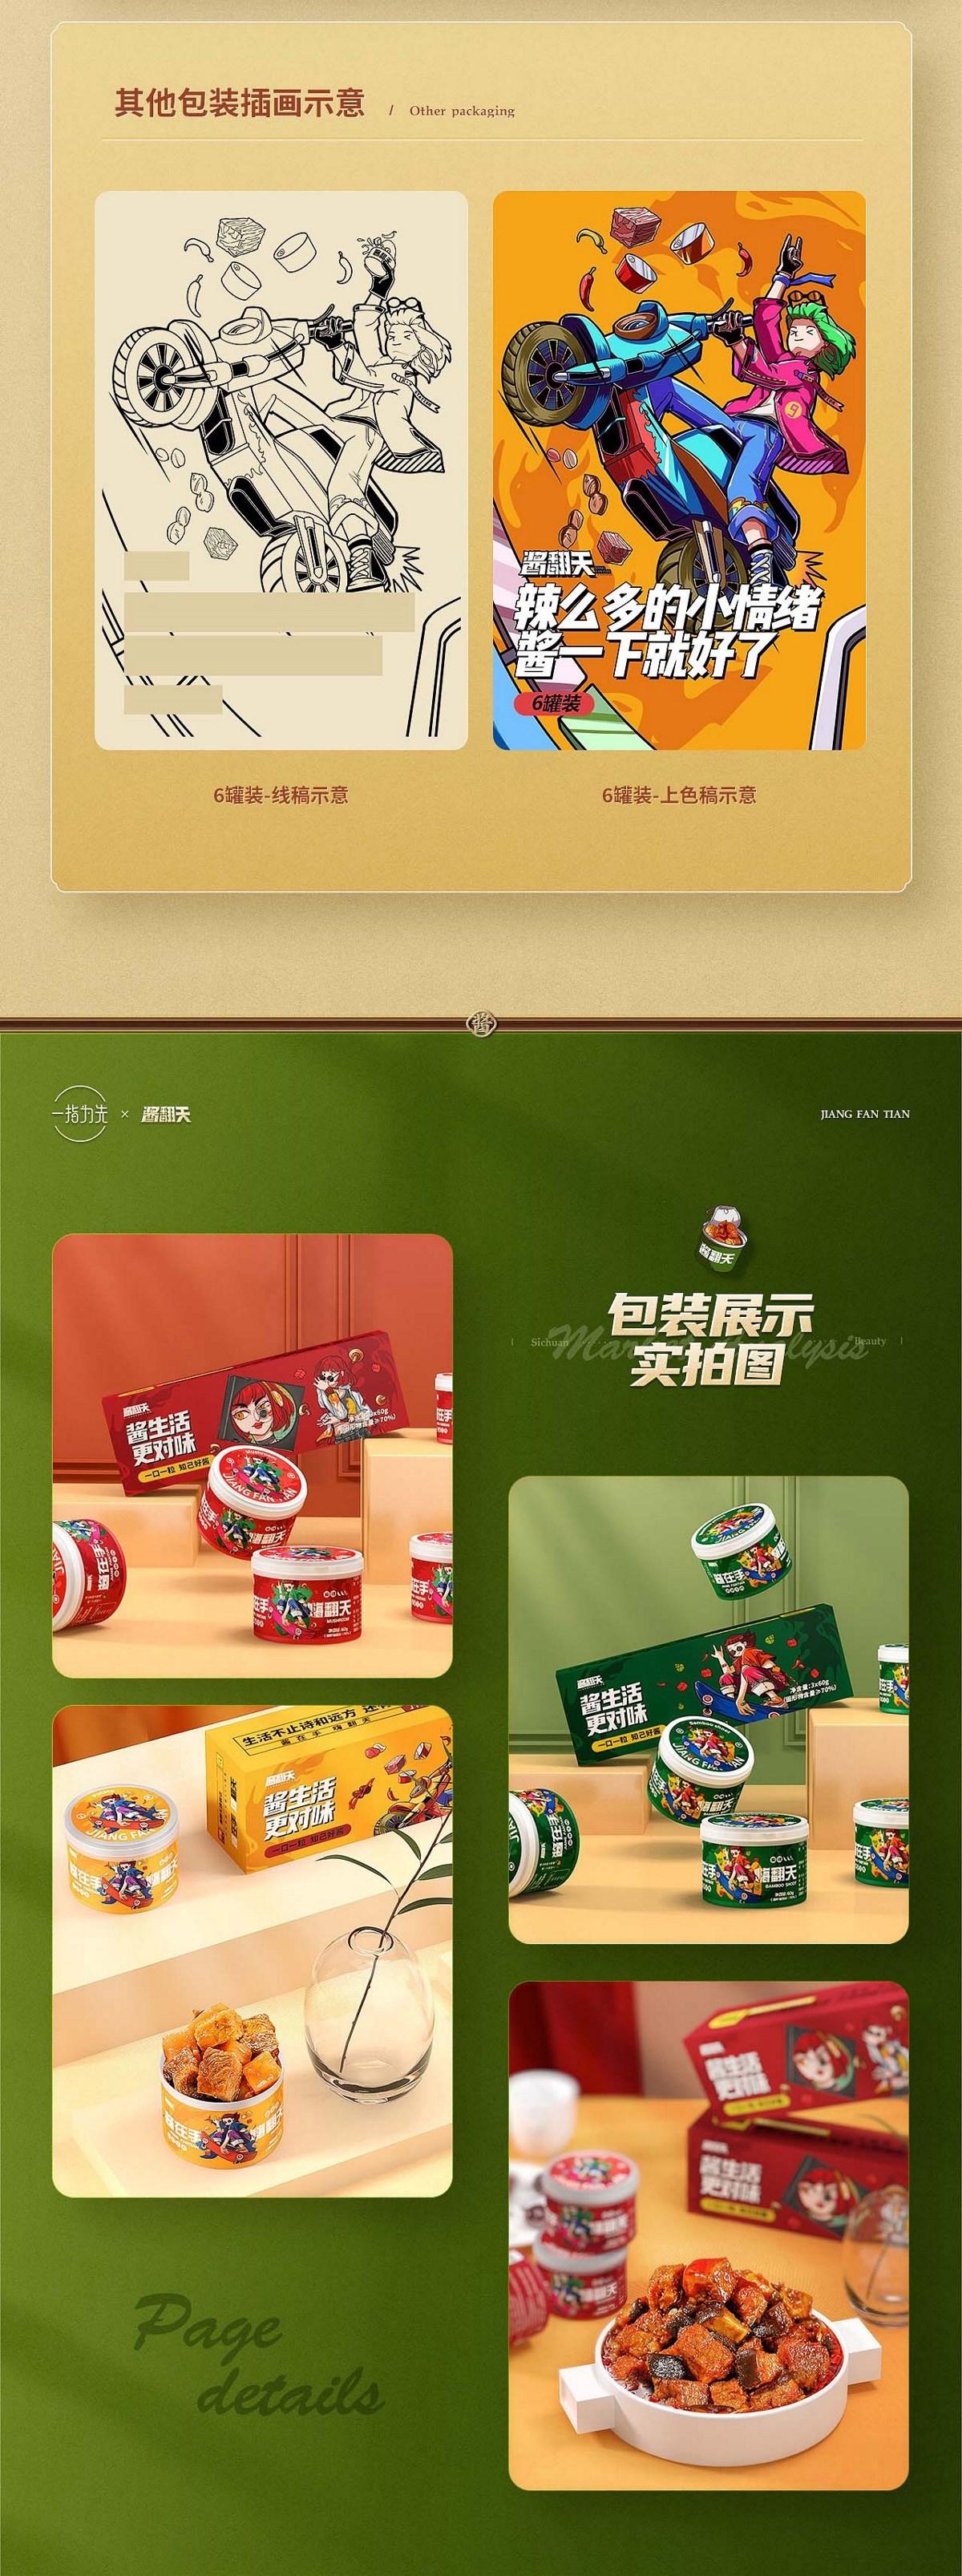 品类TOP爆款打造 食品类详情页分享 一指为先